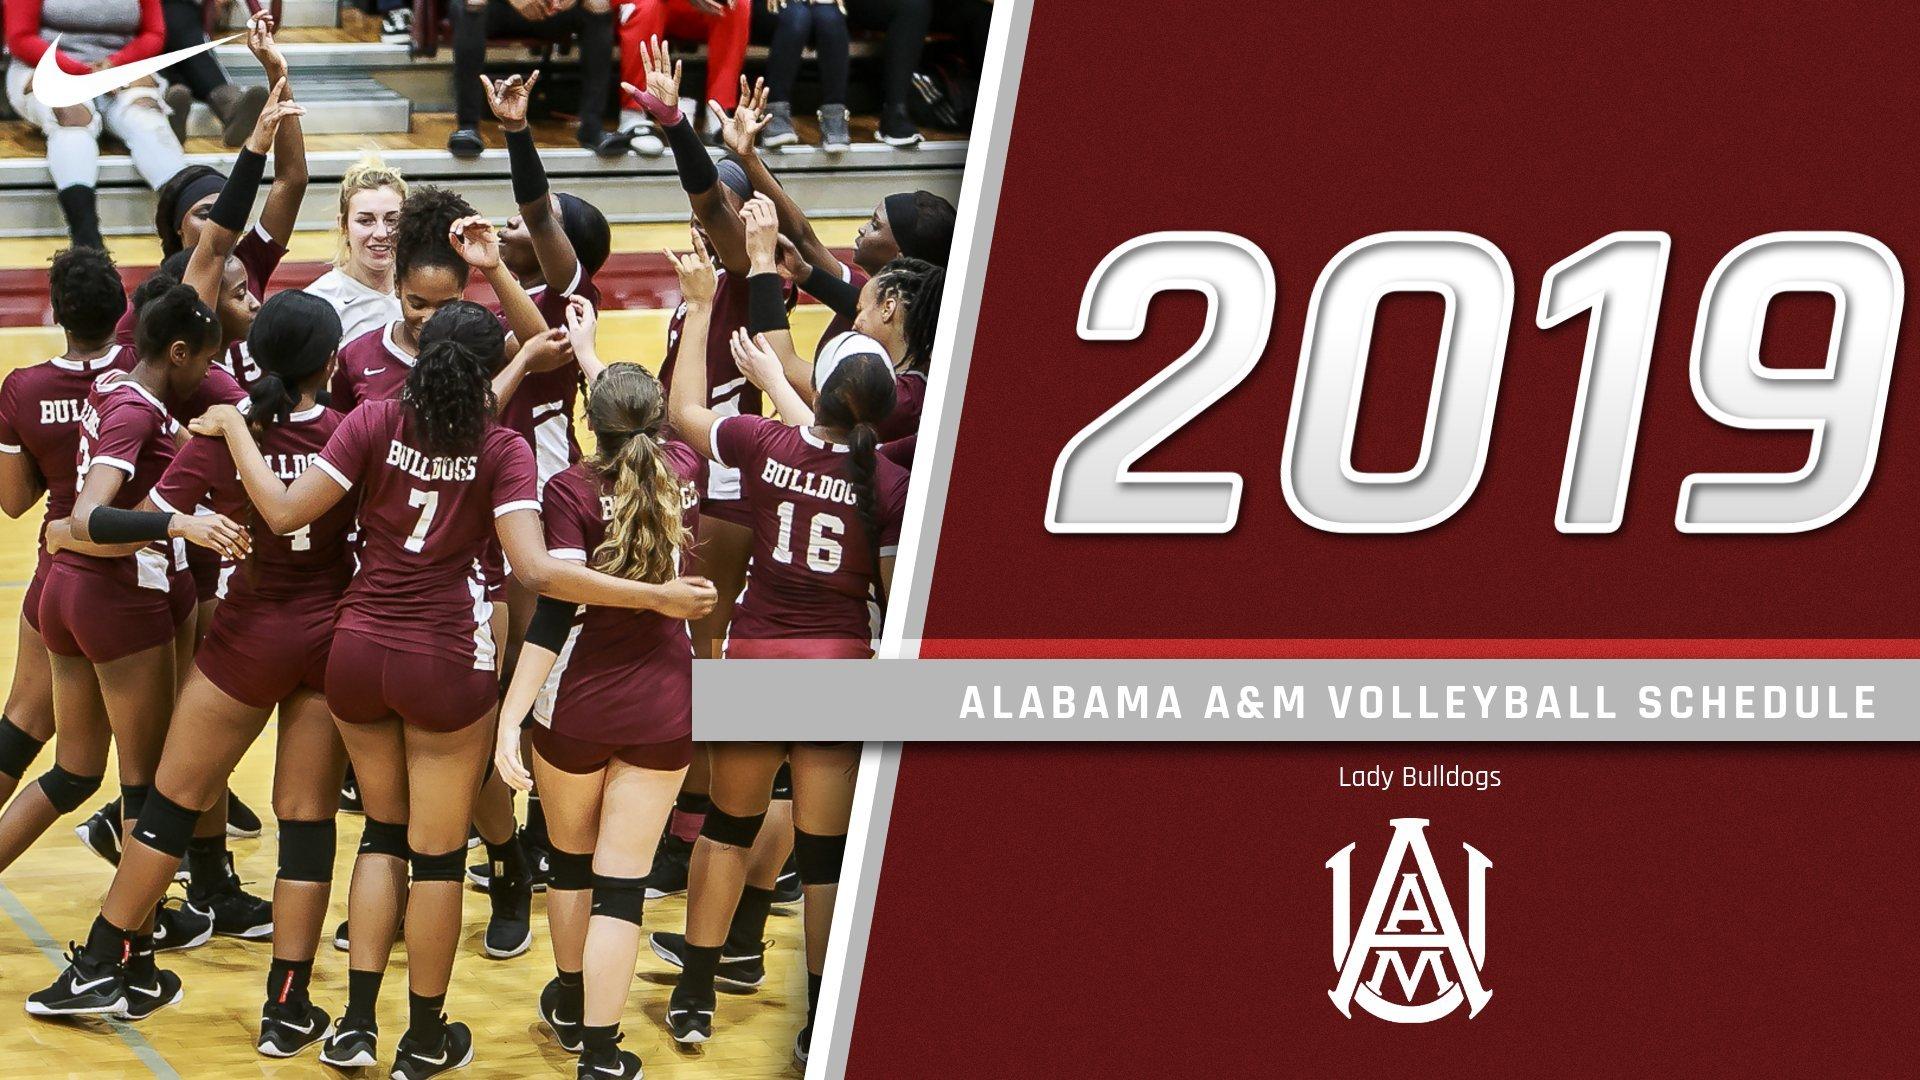 Alabama A&m Athletics - Official Athletics Website Alabama A&m Calendar 2019